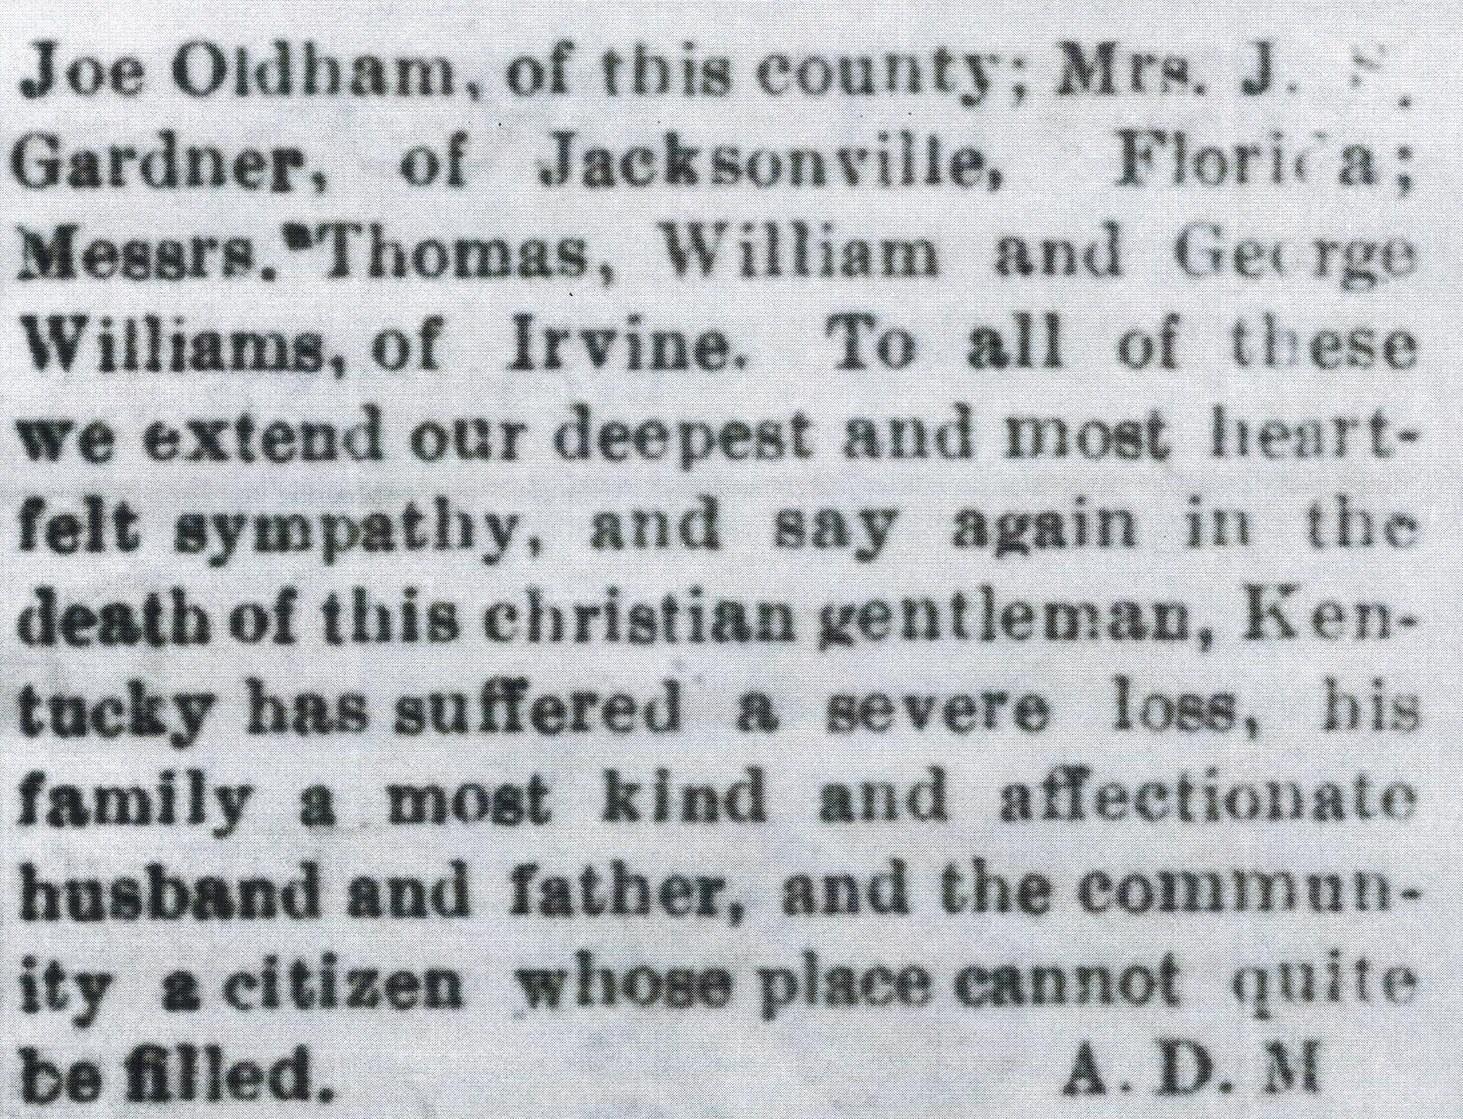 William T. B. Williams